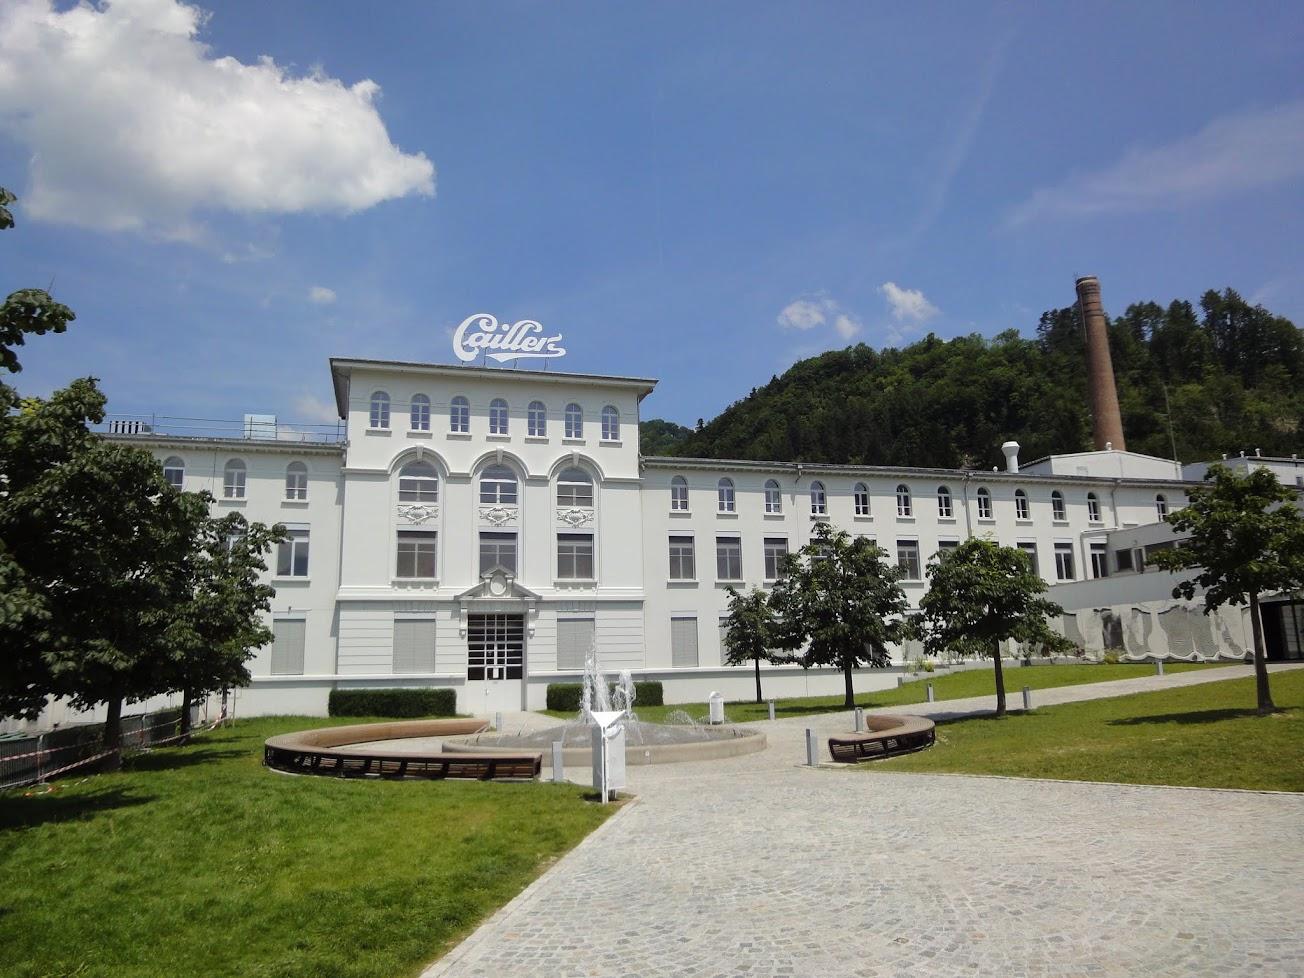 Maison Cailler - Chocolaterie à Broc